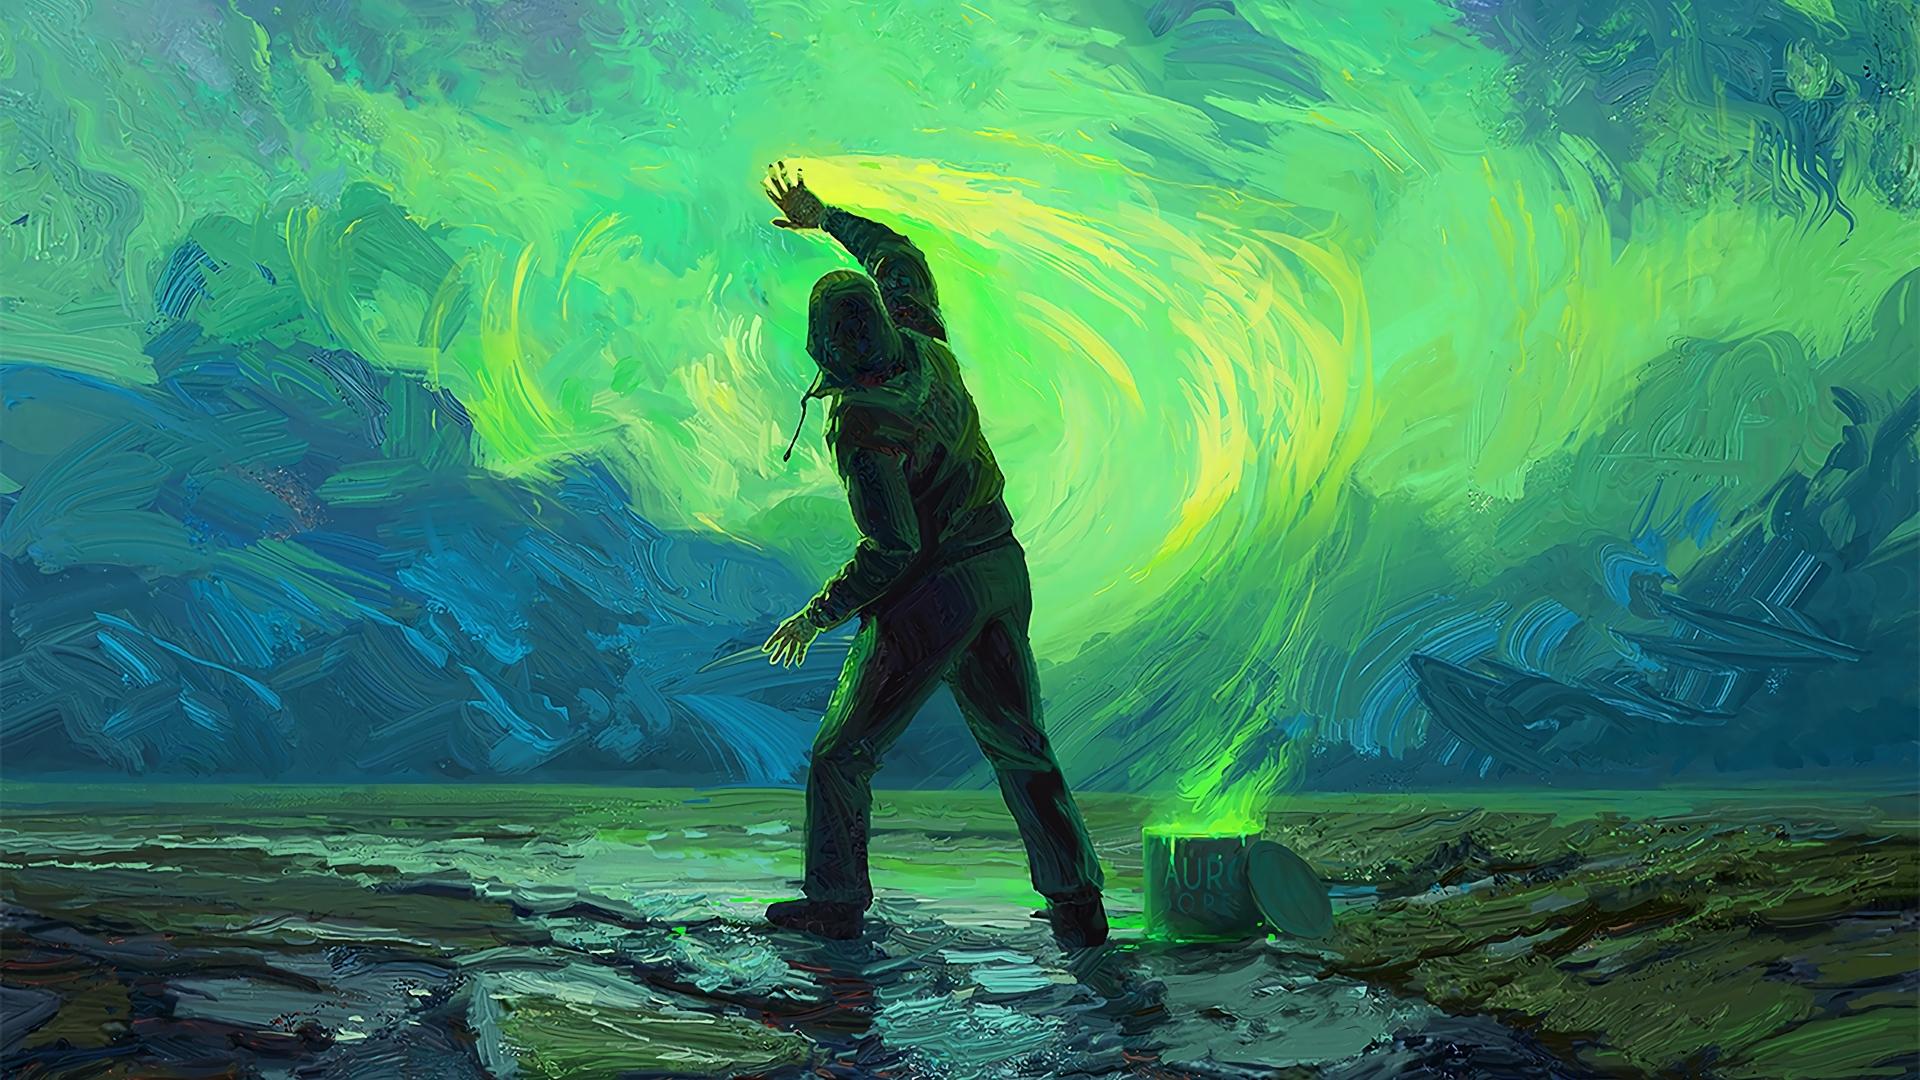 Painting Sky Green Art Wallpaper, HD Artist 4K Wallpapers ...